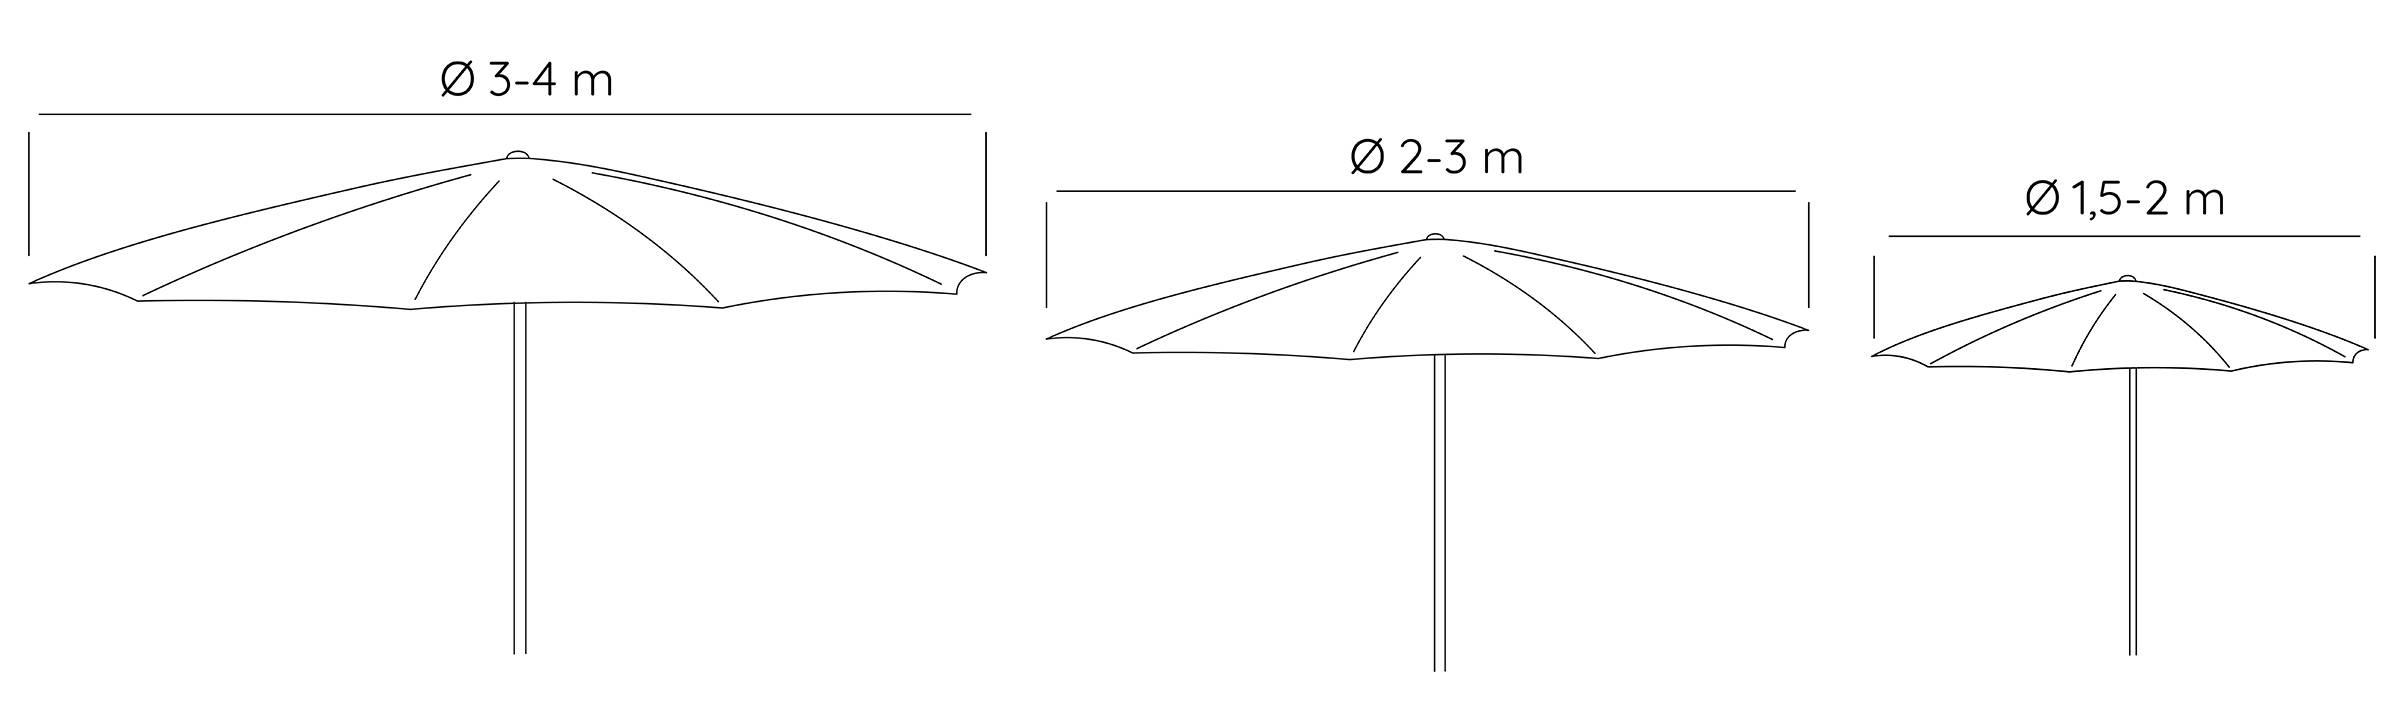 Parasol størrelse